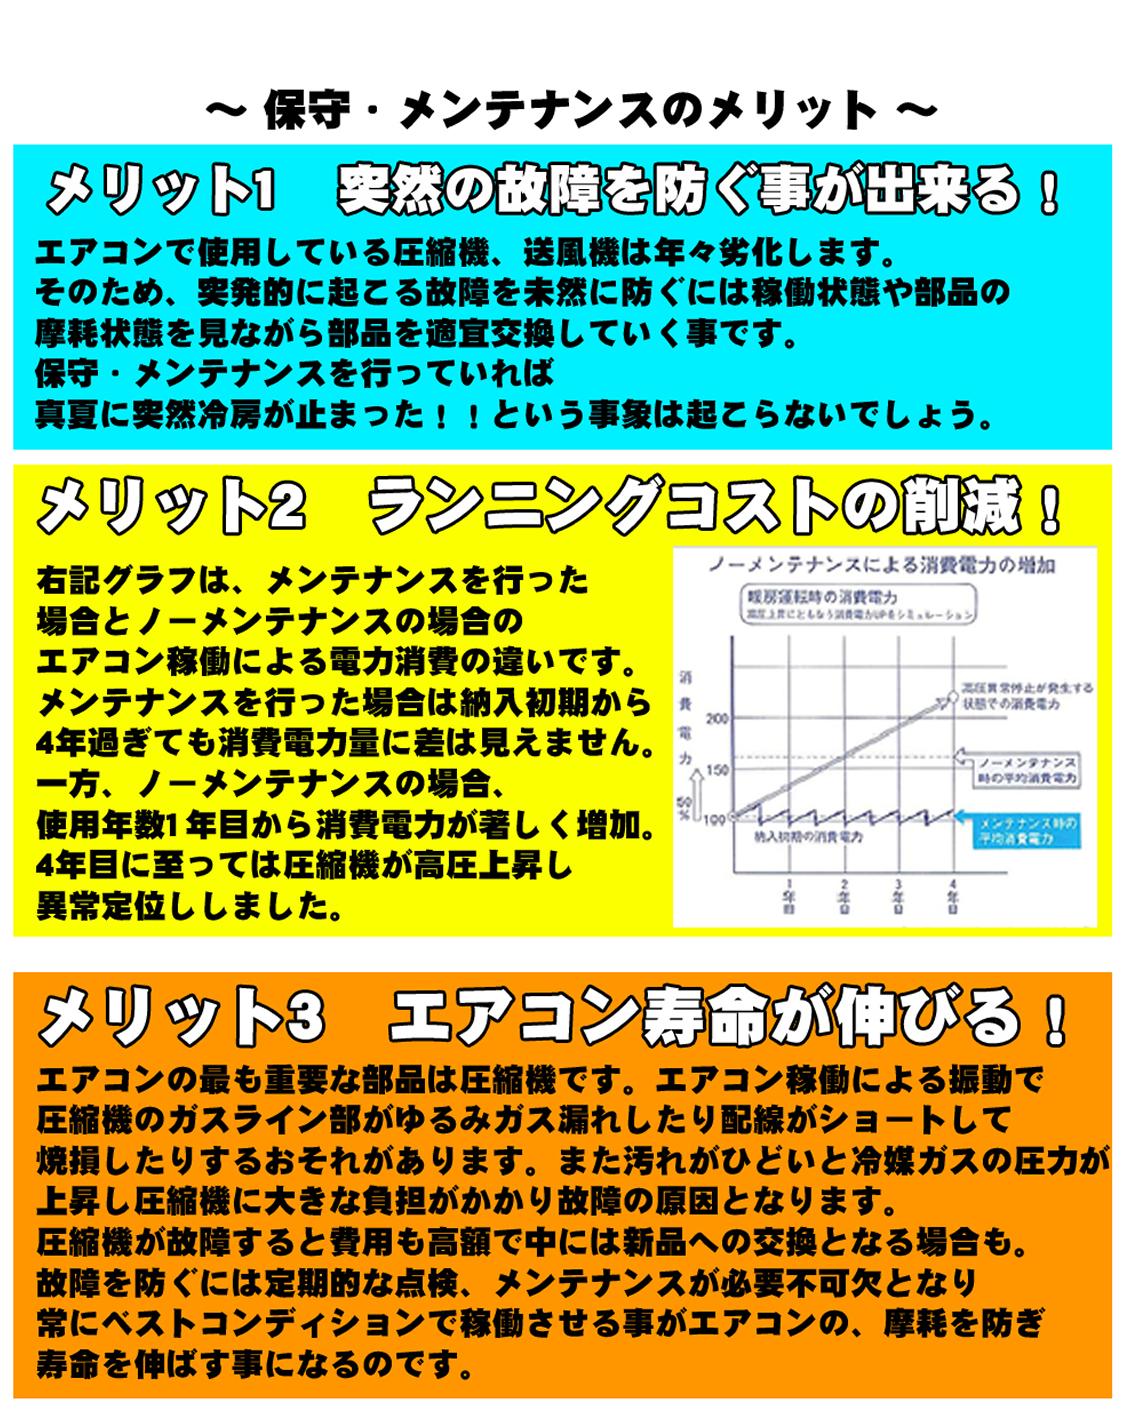 kanekura_hoshu_r9_c2